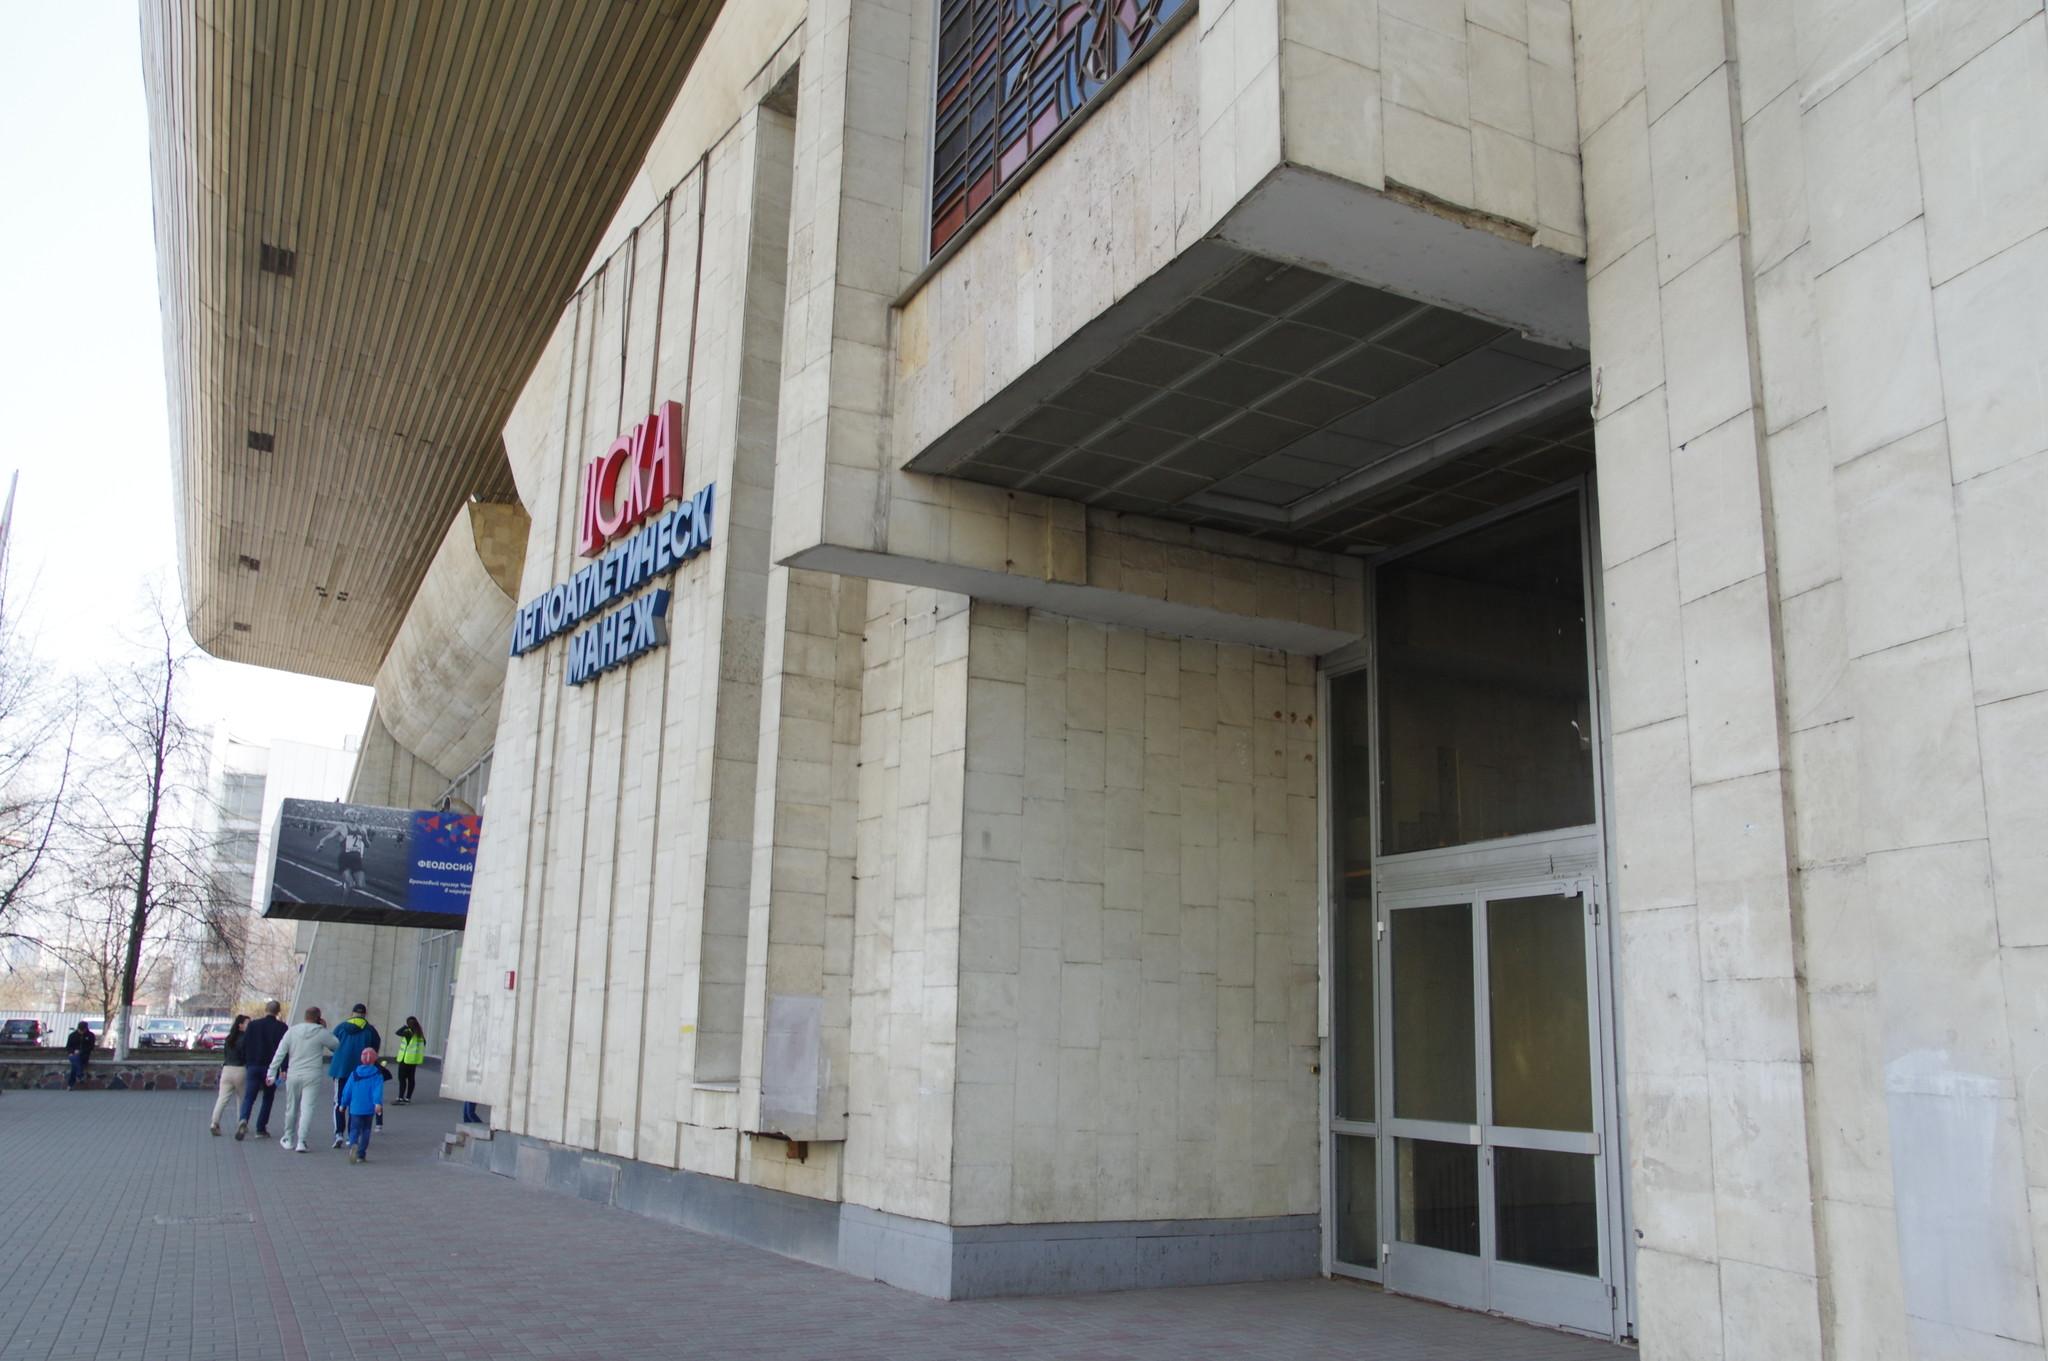 Здание легкоатлетическо-футбольного комплекса ЦСКА было построено в 1979 году в преддверии Московской Олимпиады